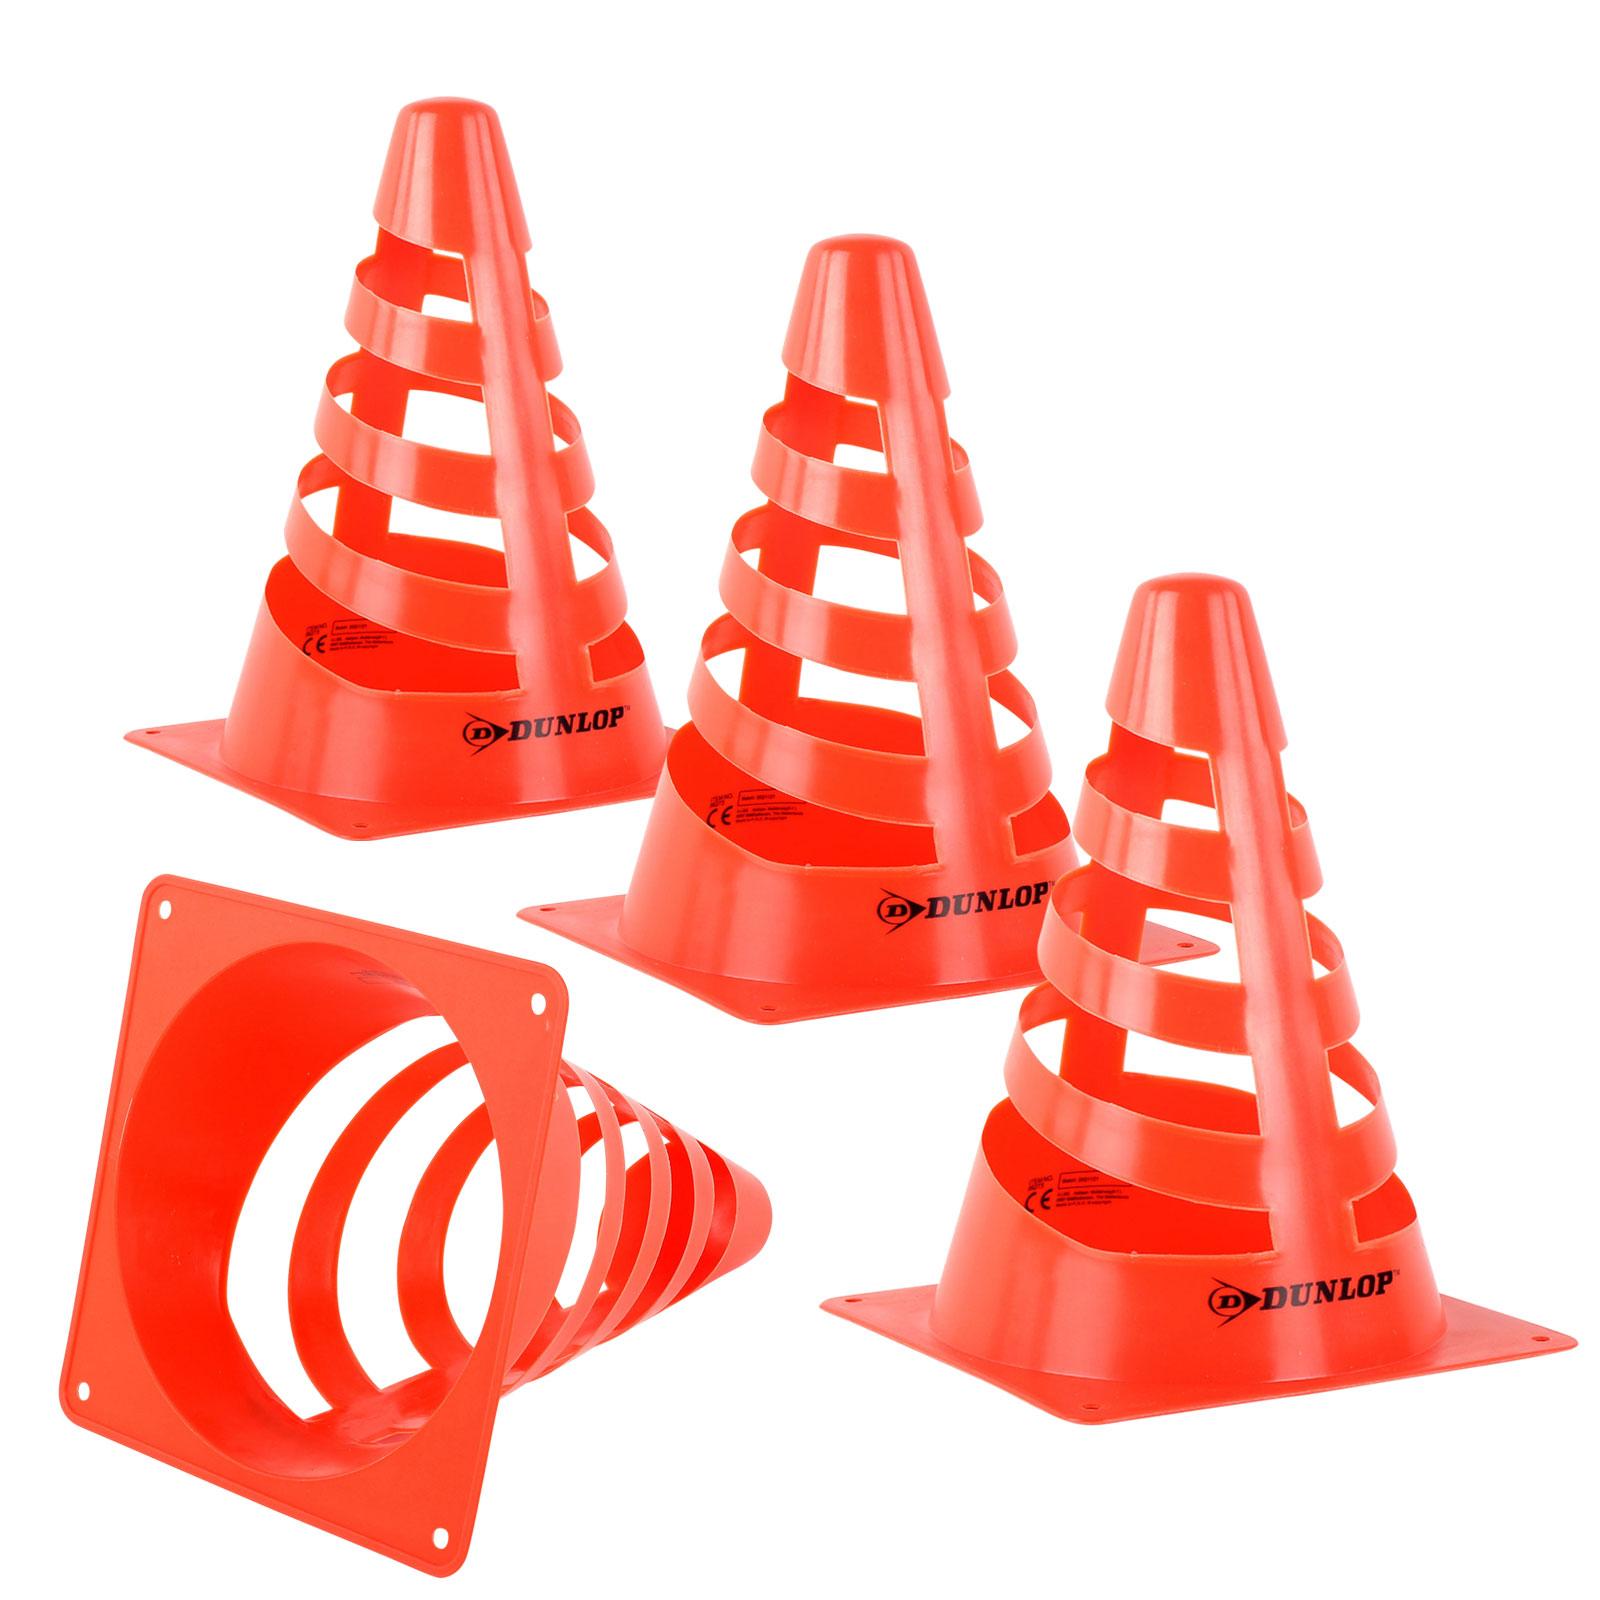 Dunlop Pylon 4 er Set 18 cm rot/orange zum absperren der Parzelle, Camping